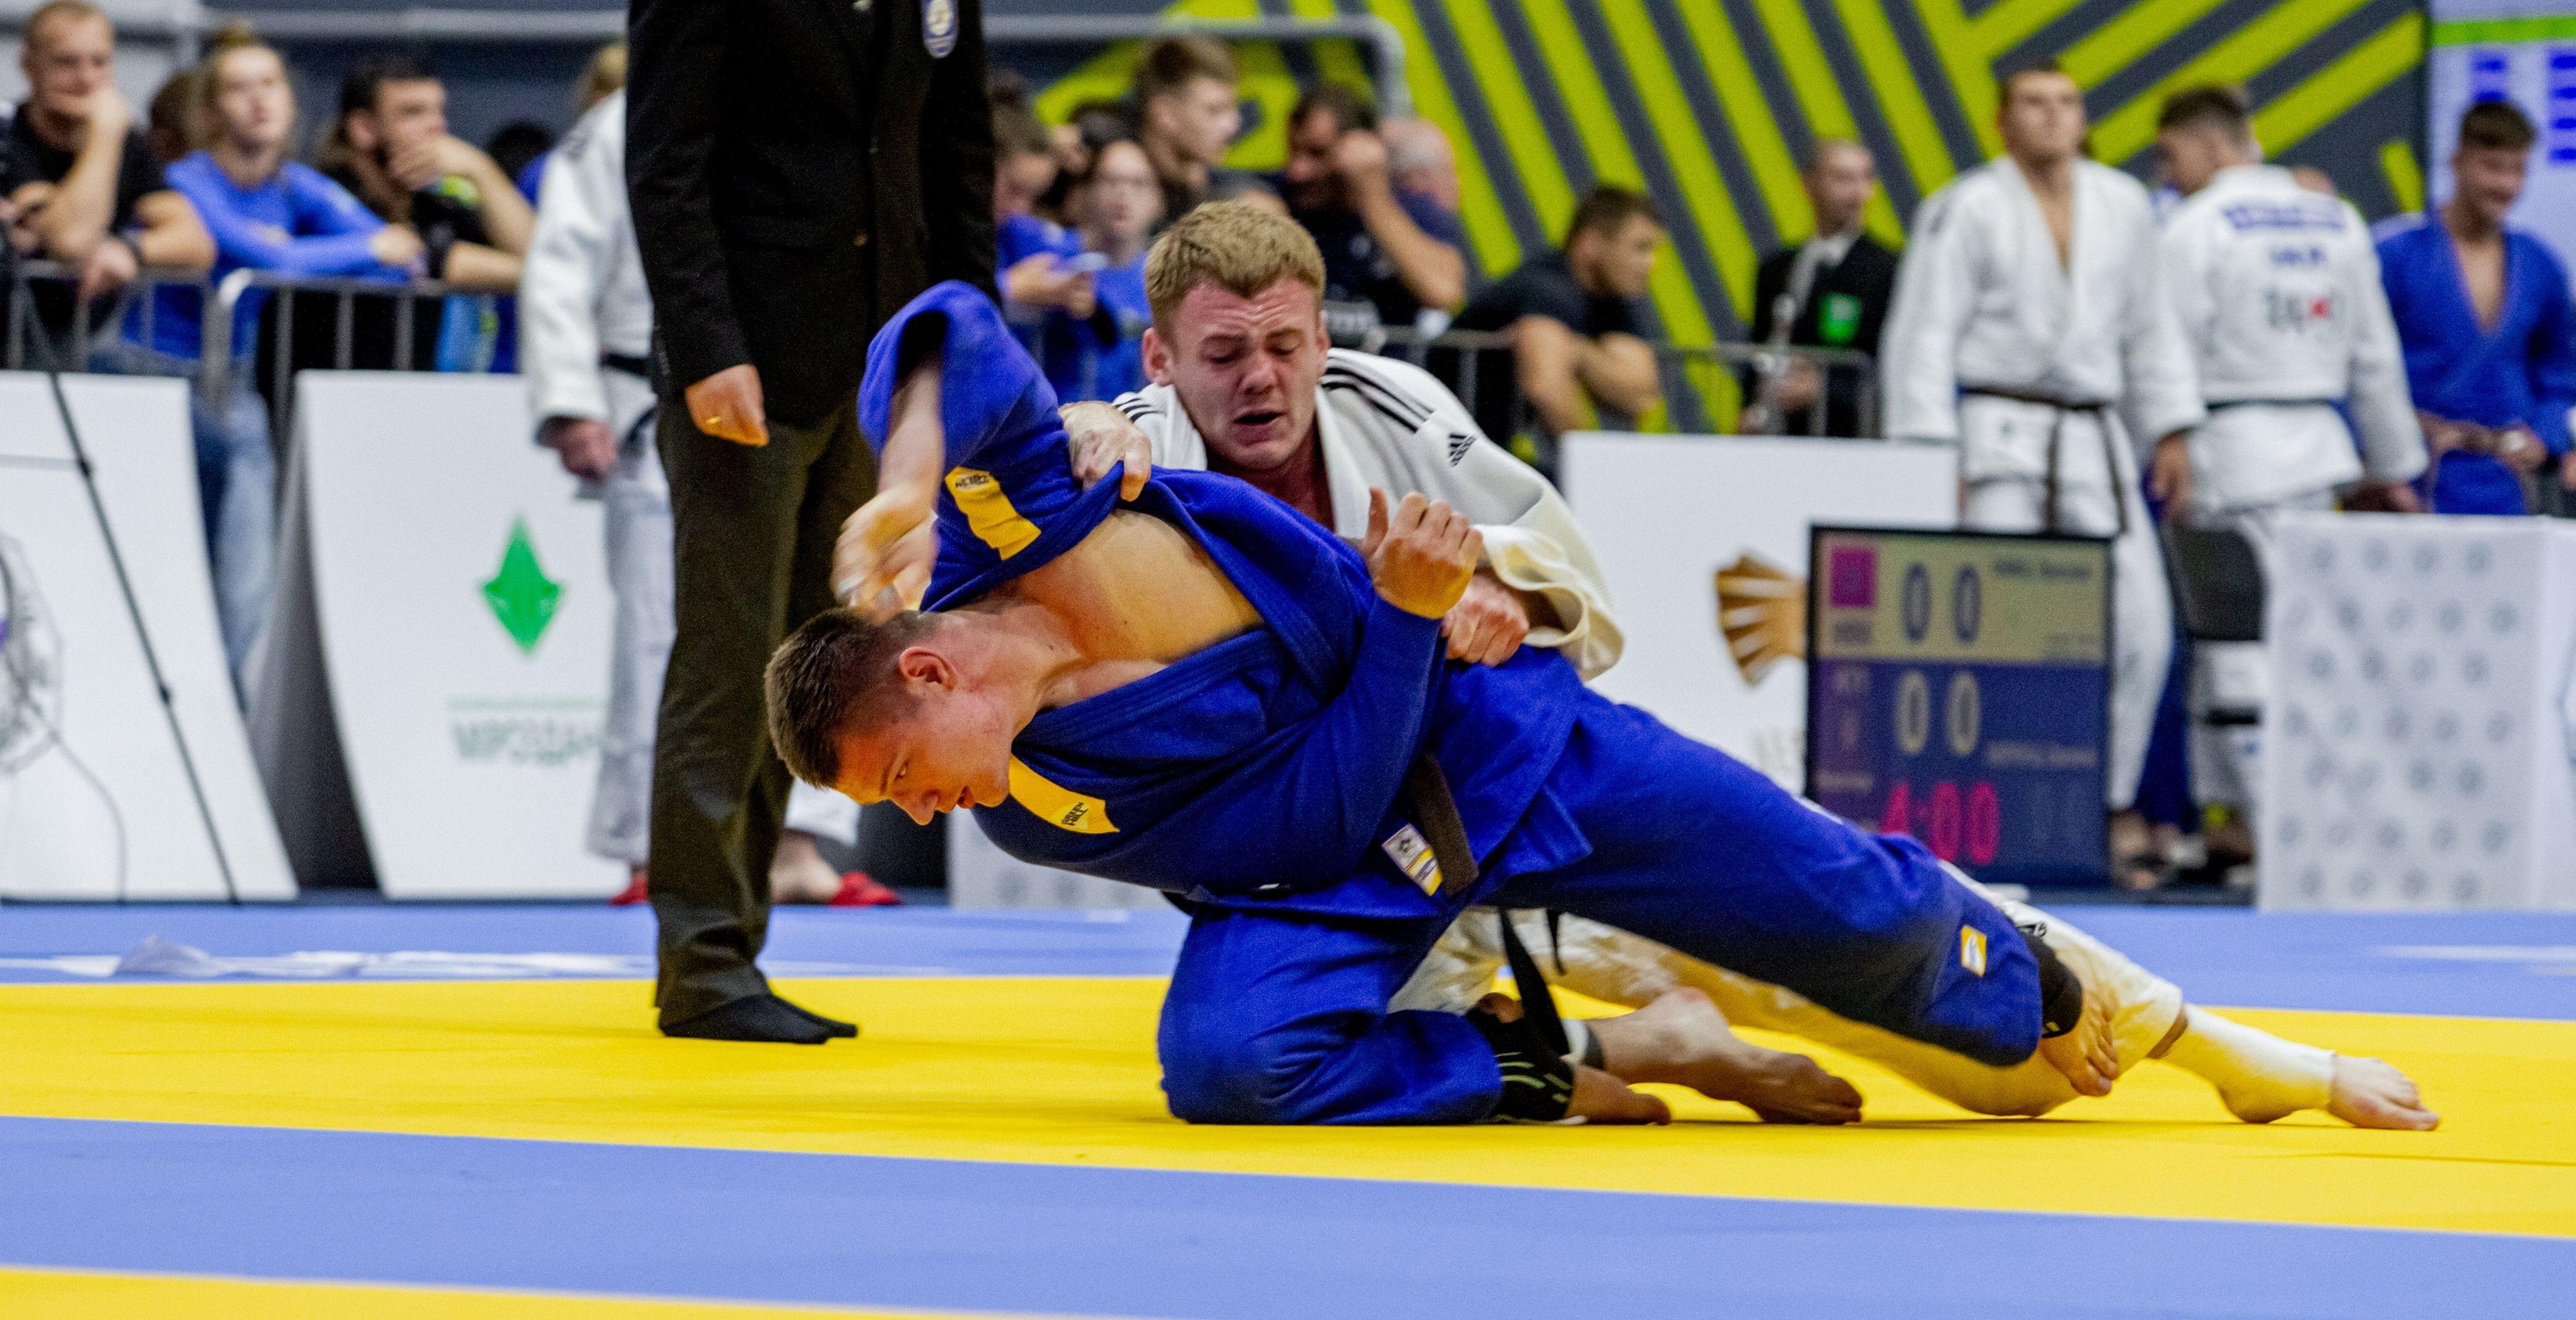 Харьковчанин выиграл чемпионат Украины по дзюдо (фото)